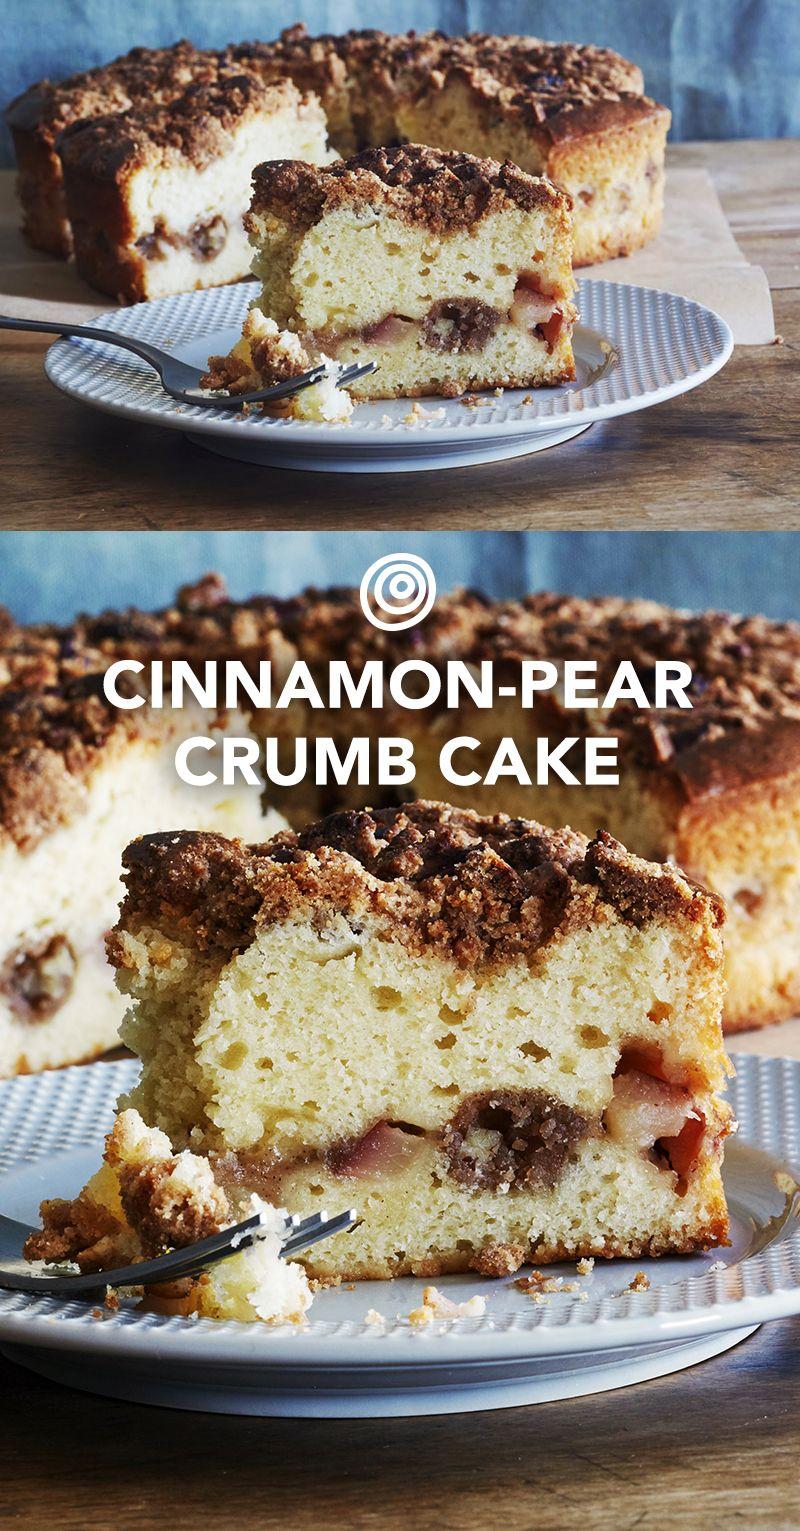 Pear and Cinnamon Crumb Cake Recipe Pear coffee cake